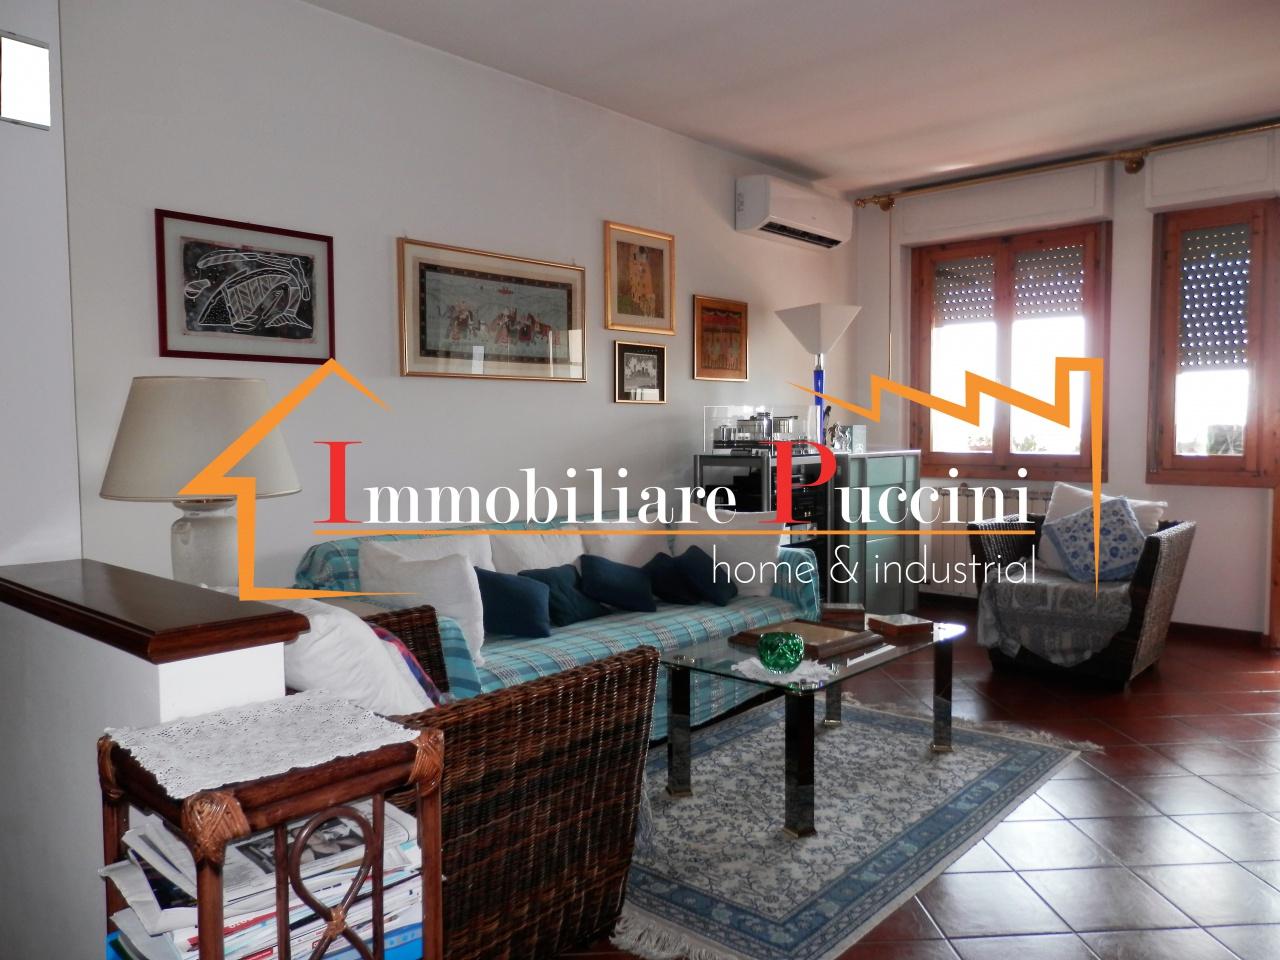 Appartamento in vendita a Calenzano, 4 locali, prezzo € 220.000 | CambioCasa.it